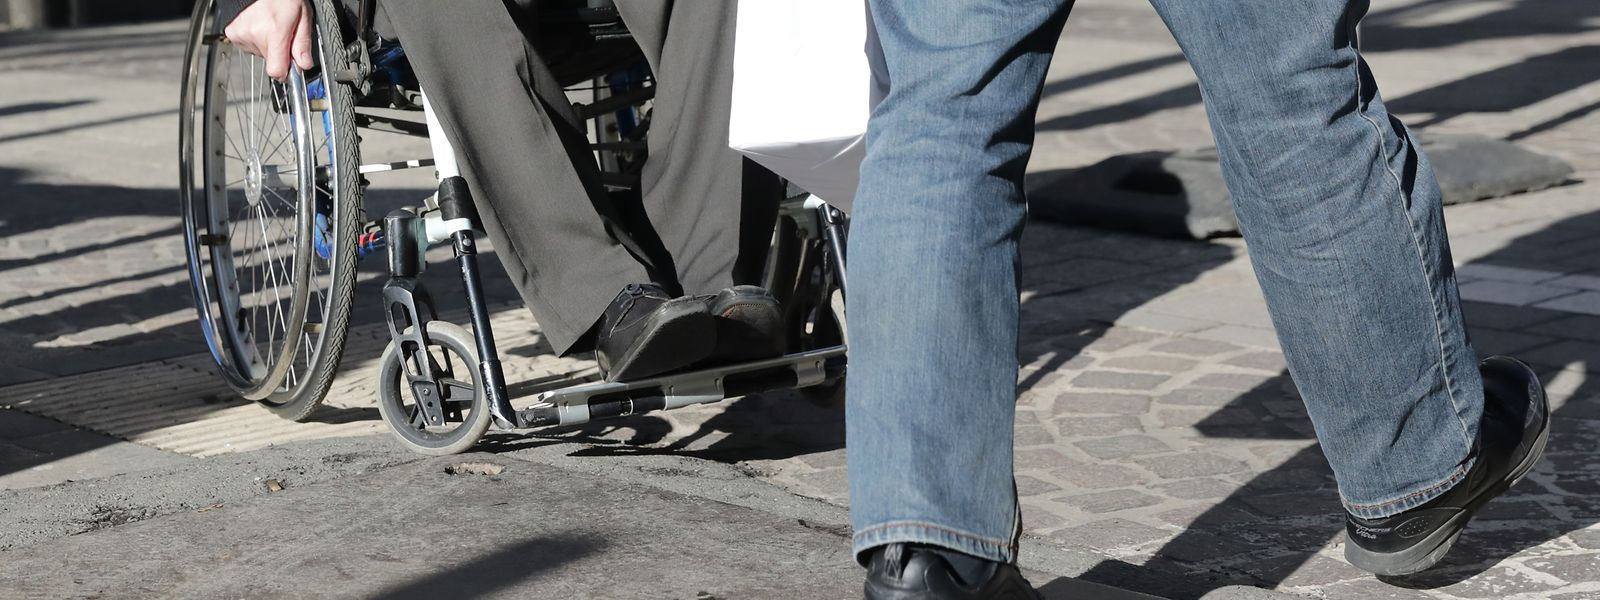 Die Maßnahmen des Aktionsplans richten sich unter anderem an Menschen, die in einem Rollstuhl sitzen.